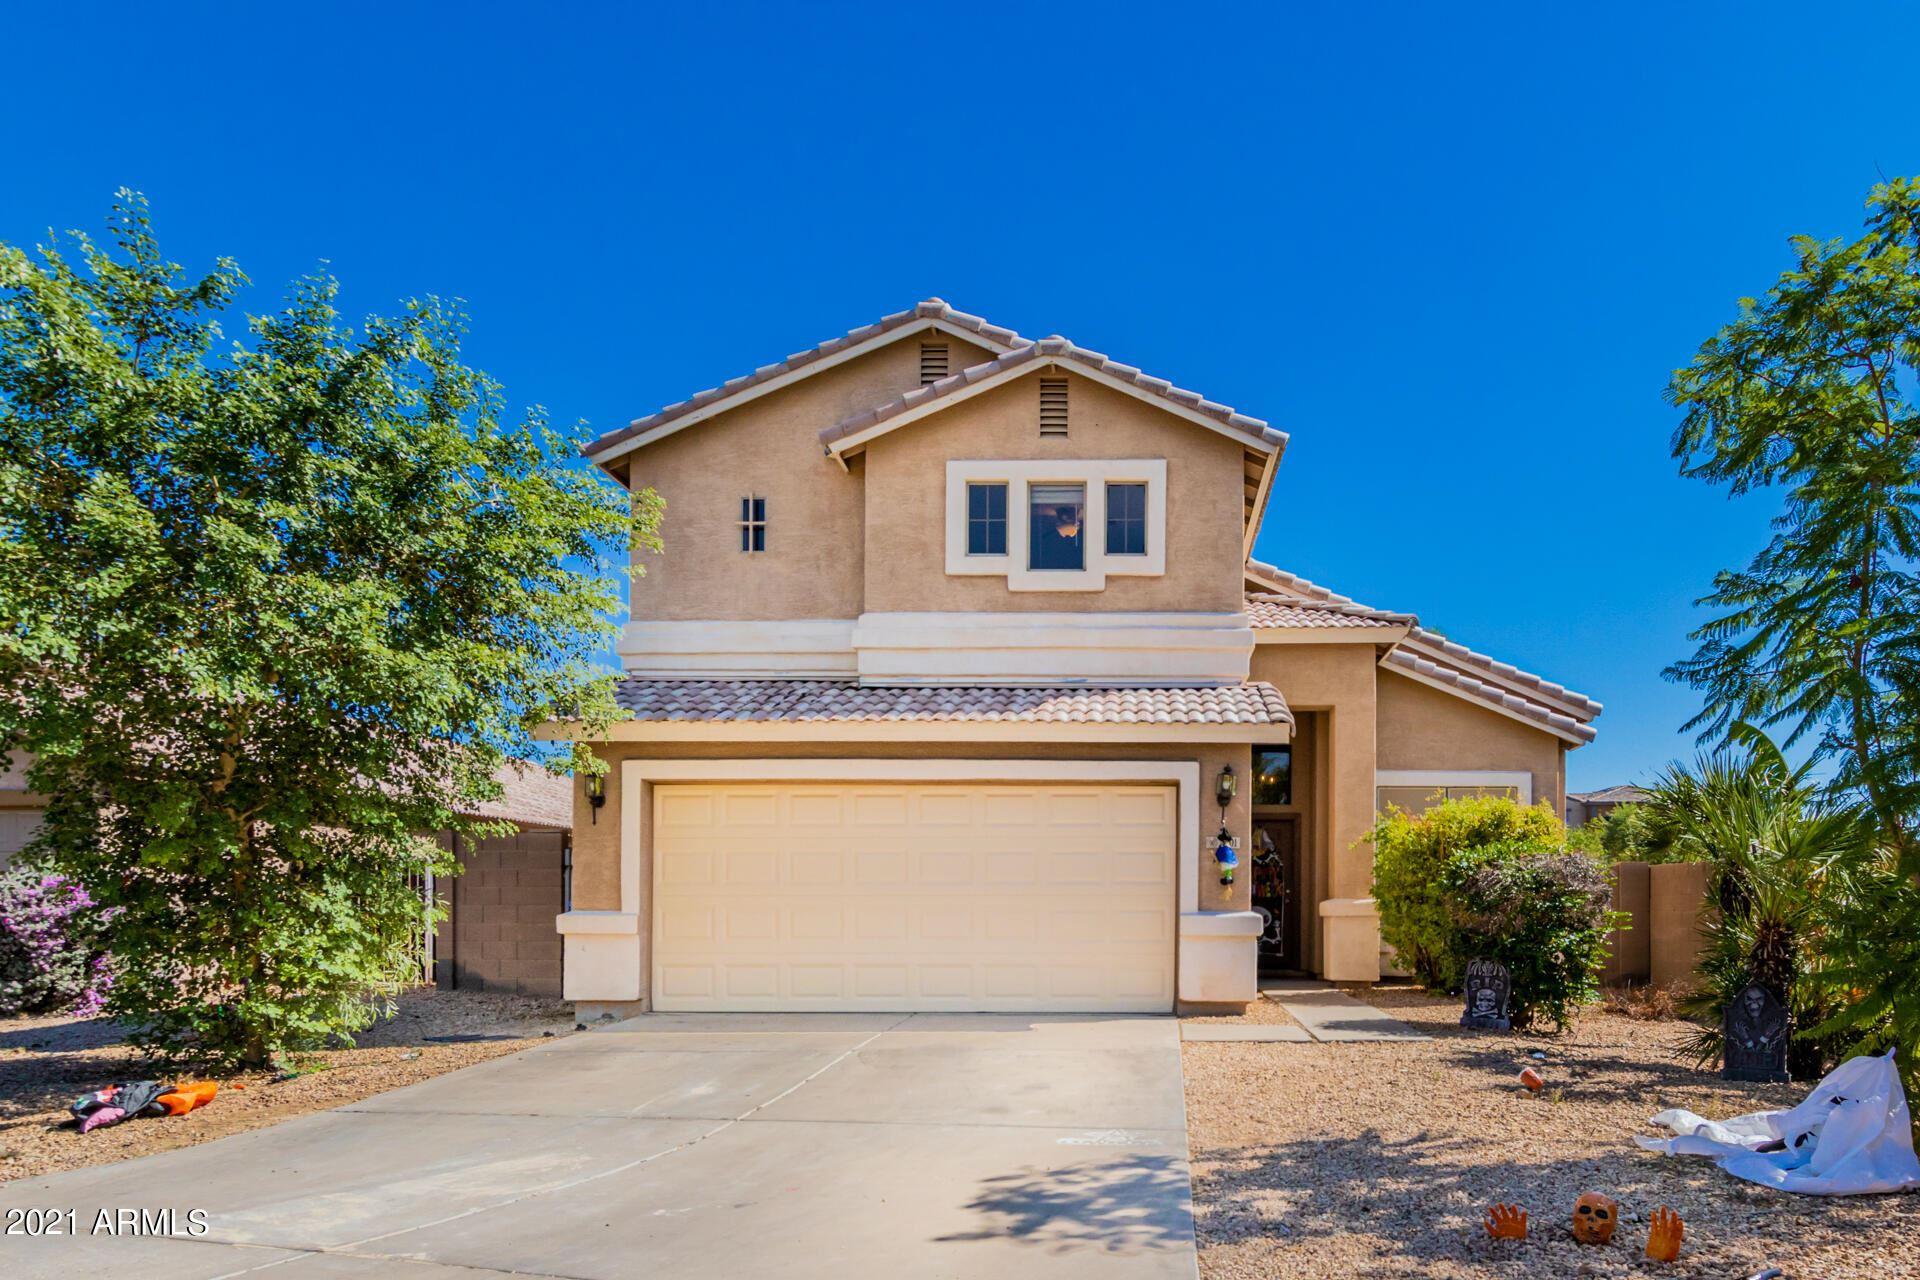 Photo of 3701 N 125TH Drive, Avondale, AZ 85392 (MLS # 6306829)